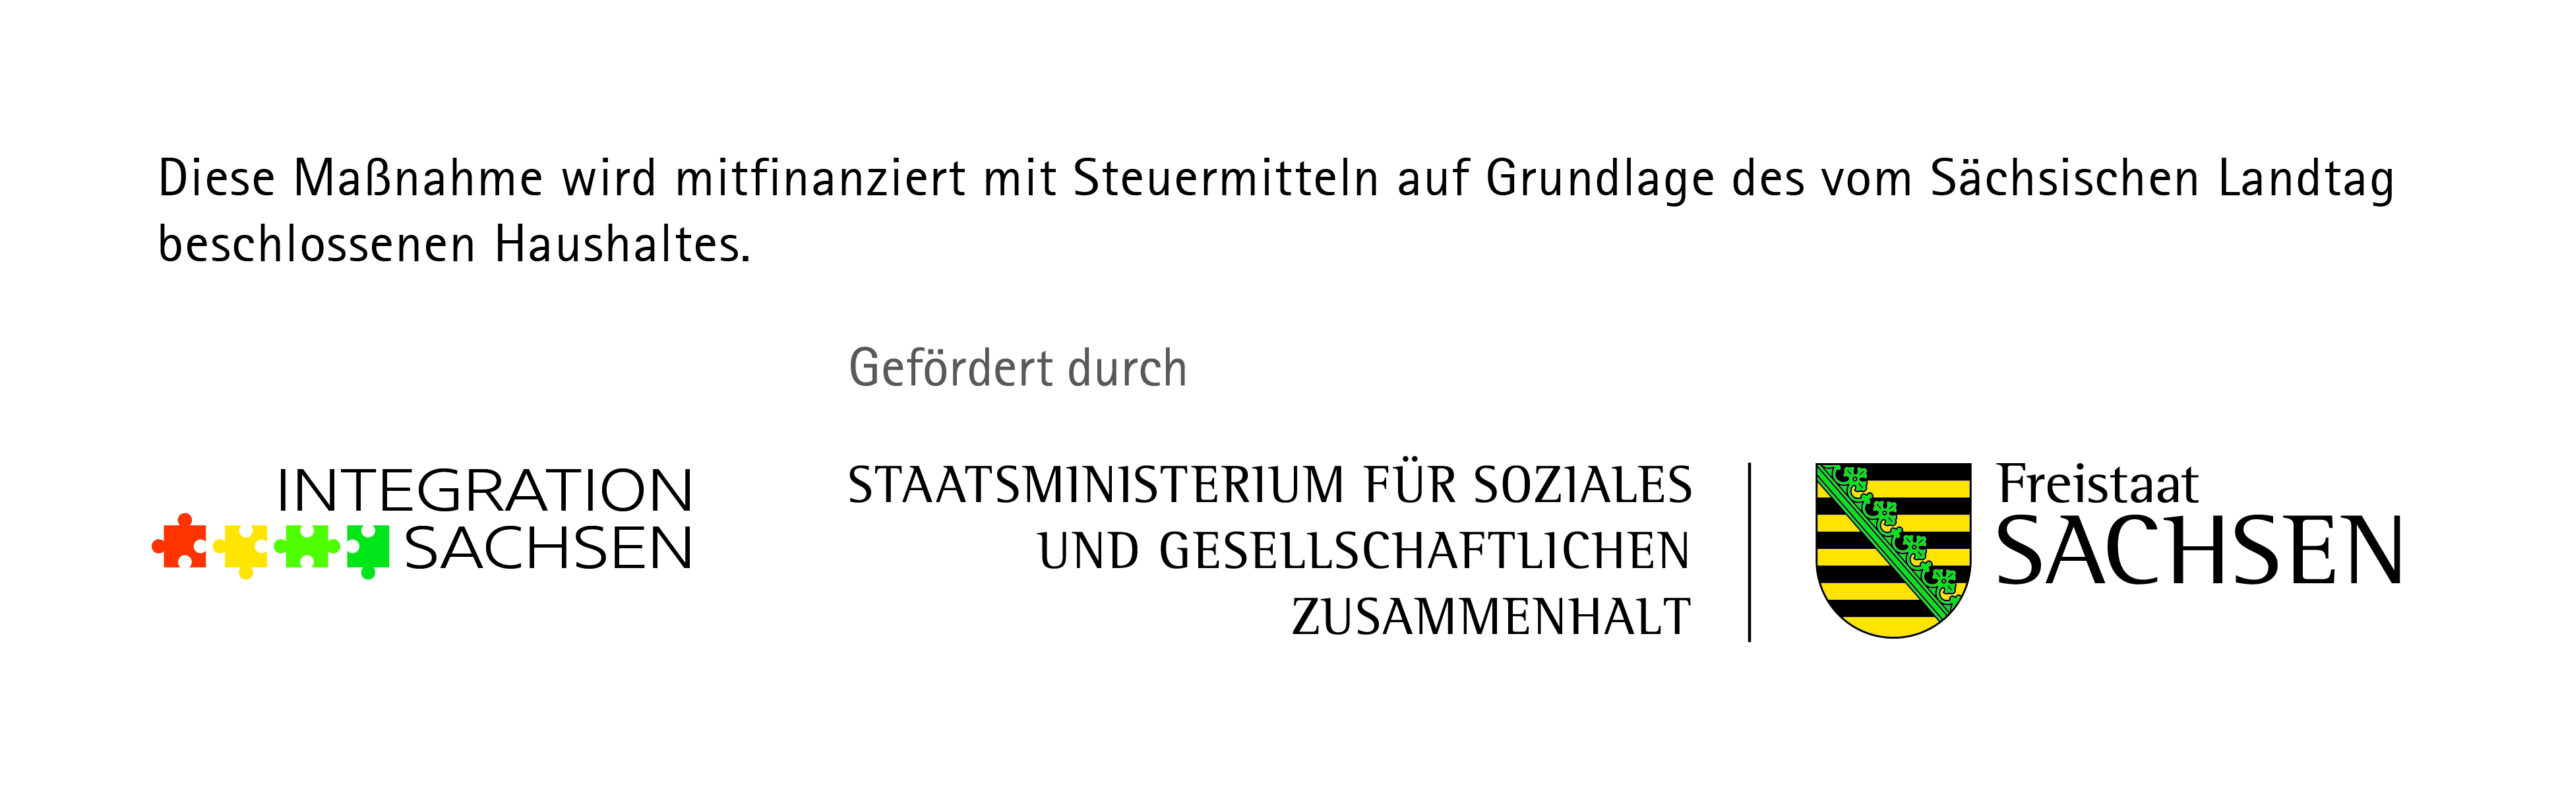 Logo von Integration Sachsen, Staatsministerium für Soziales und gesellschaftlichen Zusammenhalt, Freistaat Sachsen